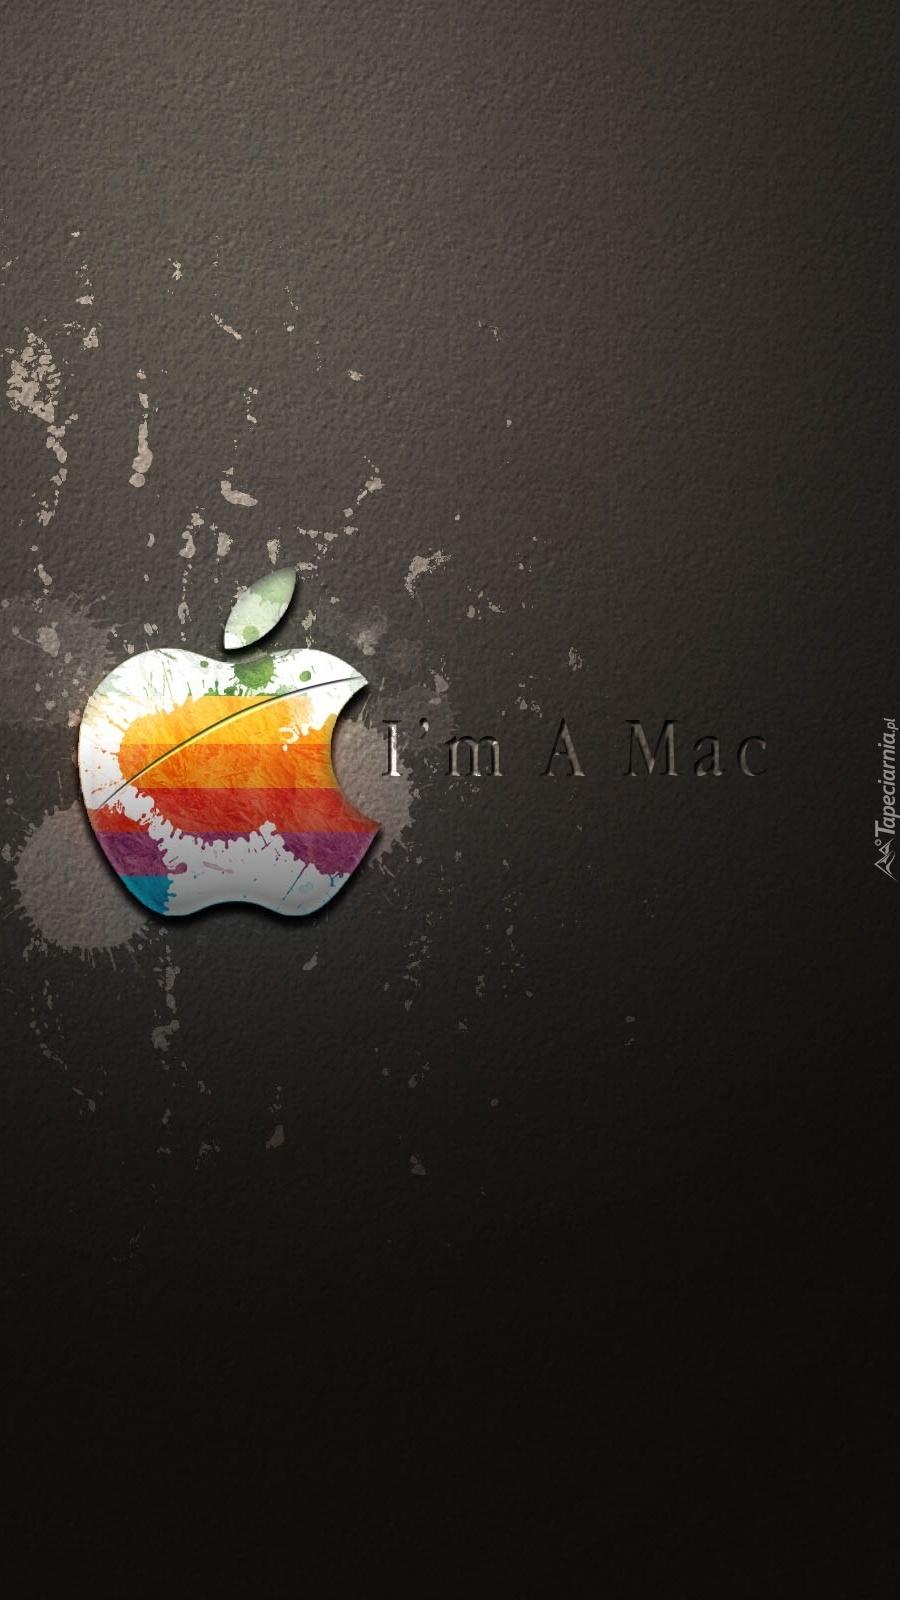 Barwne Logo Apple